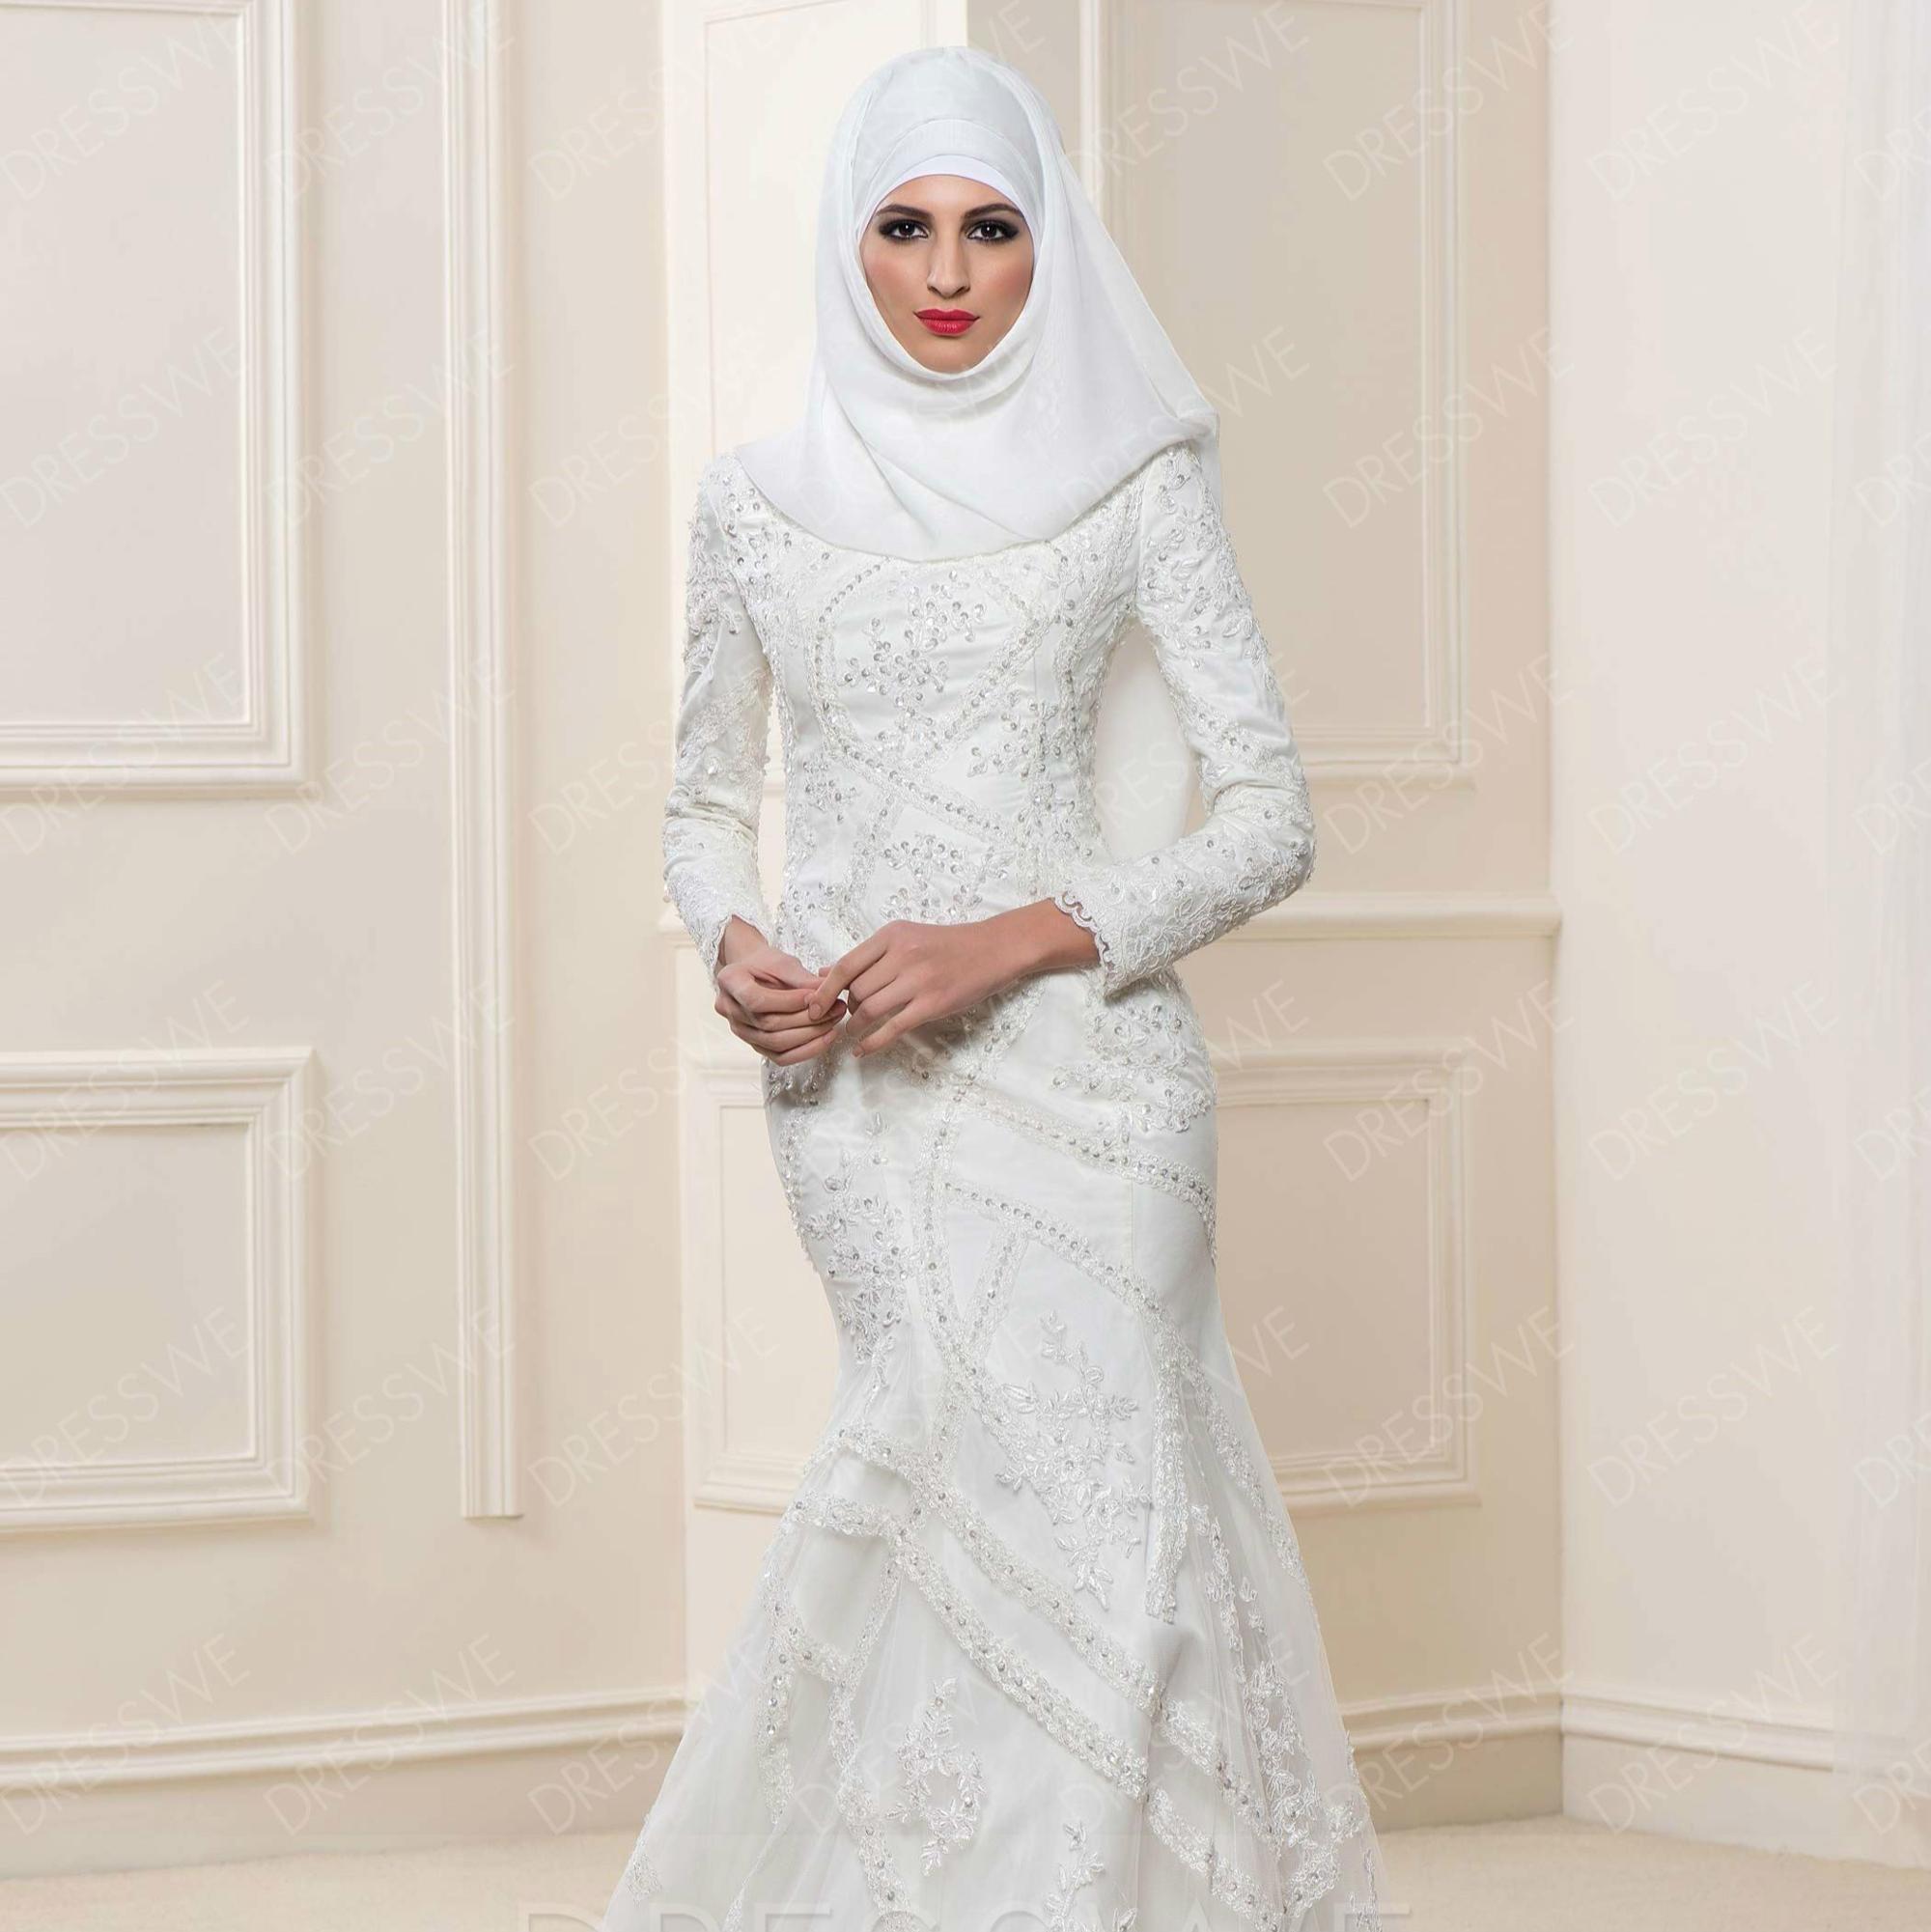 13 Schön Elegante Brautkleider Bester Preis20 Genial Elegante Brautkleider Galerie